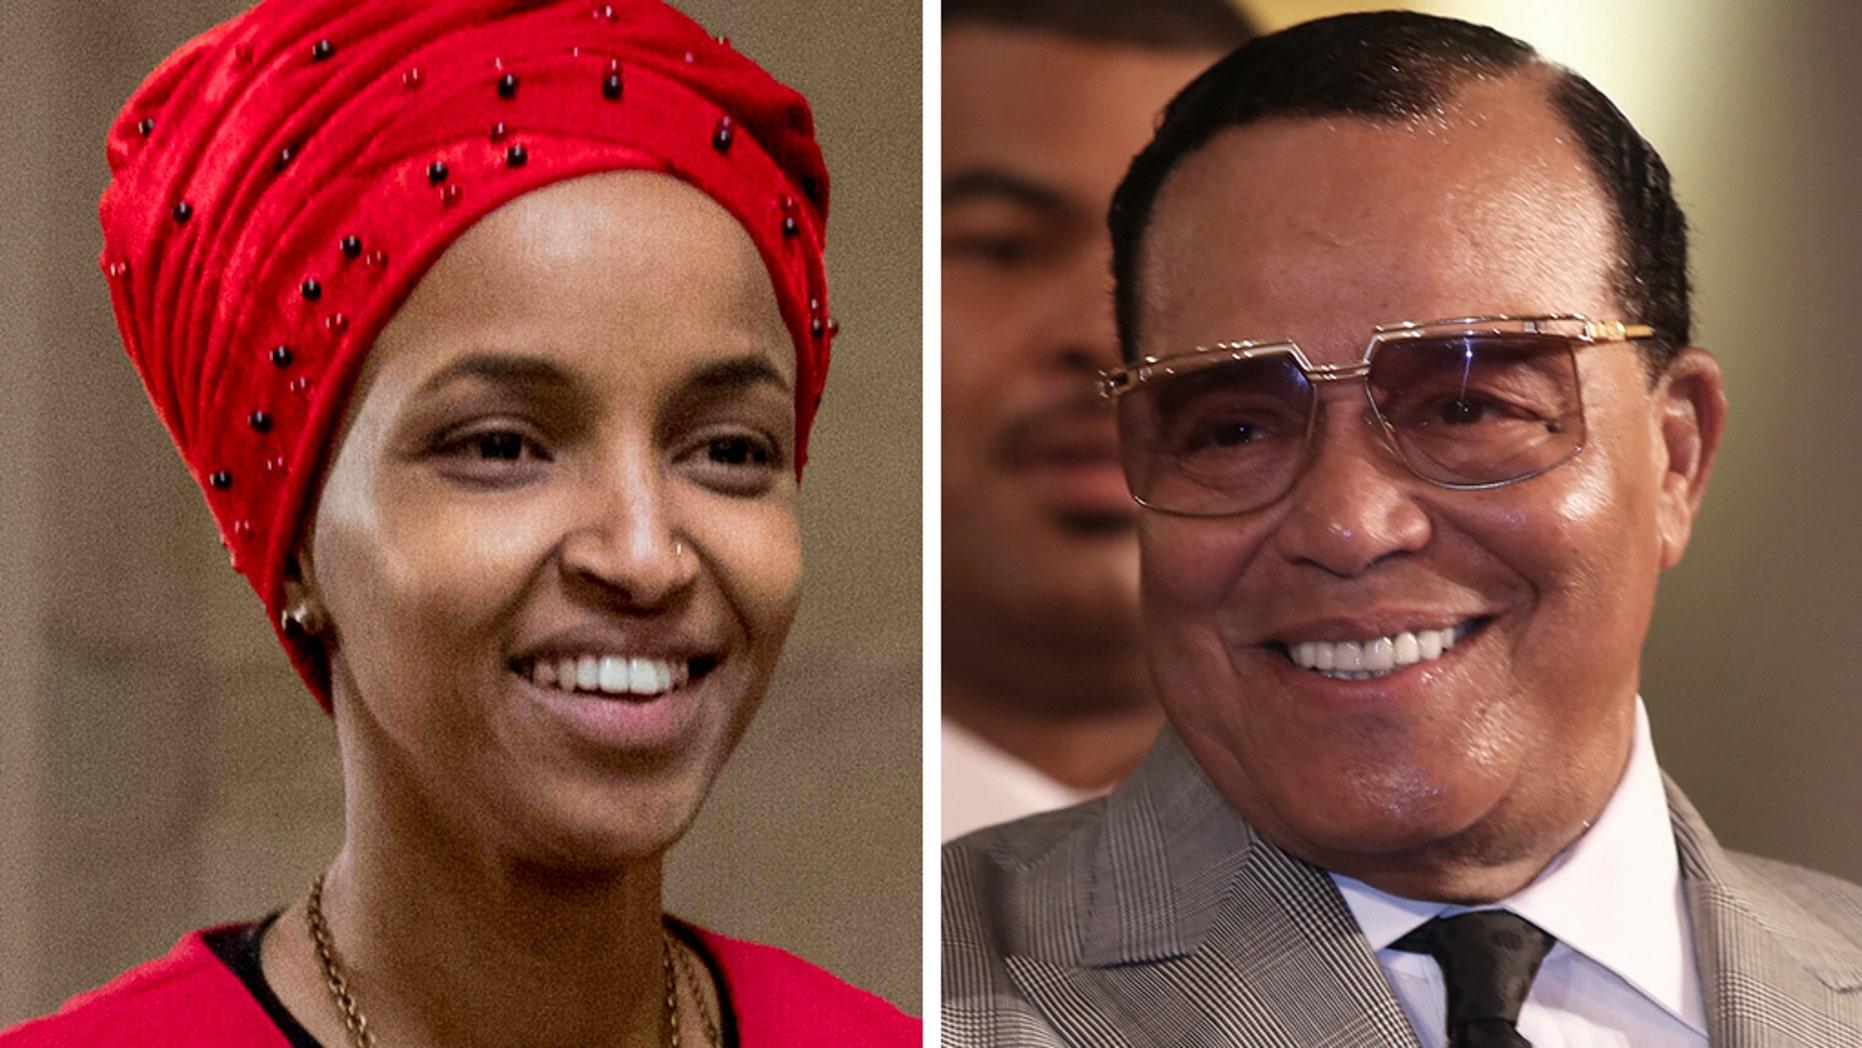 Rep. Ilhan Omar, D-Minn., and Nation of Islam leader Louis Farrakhan